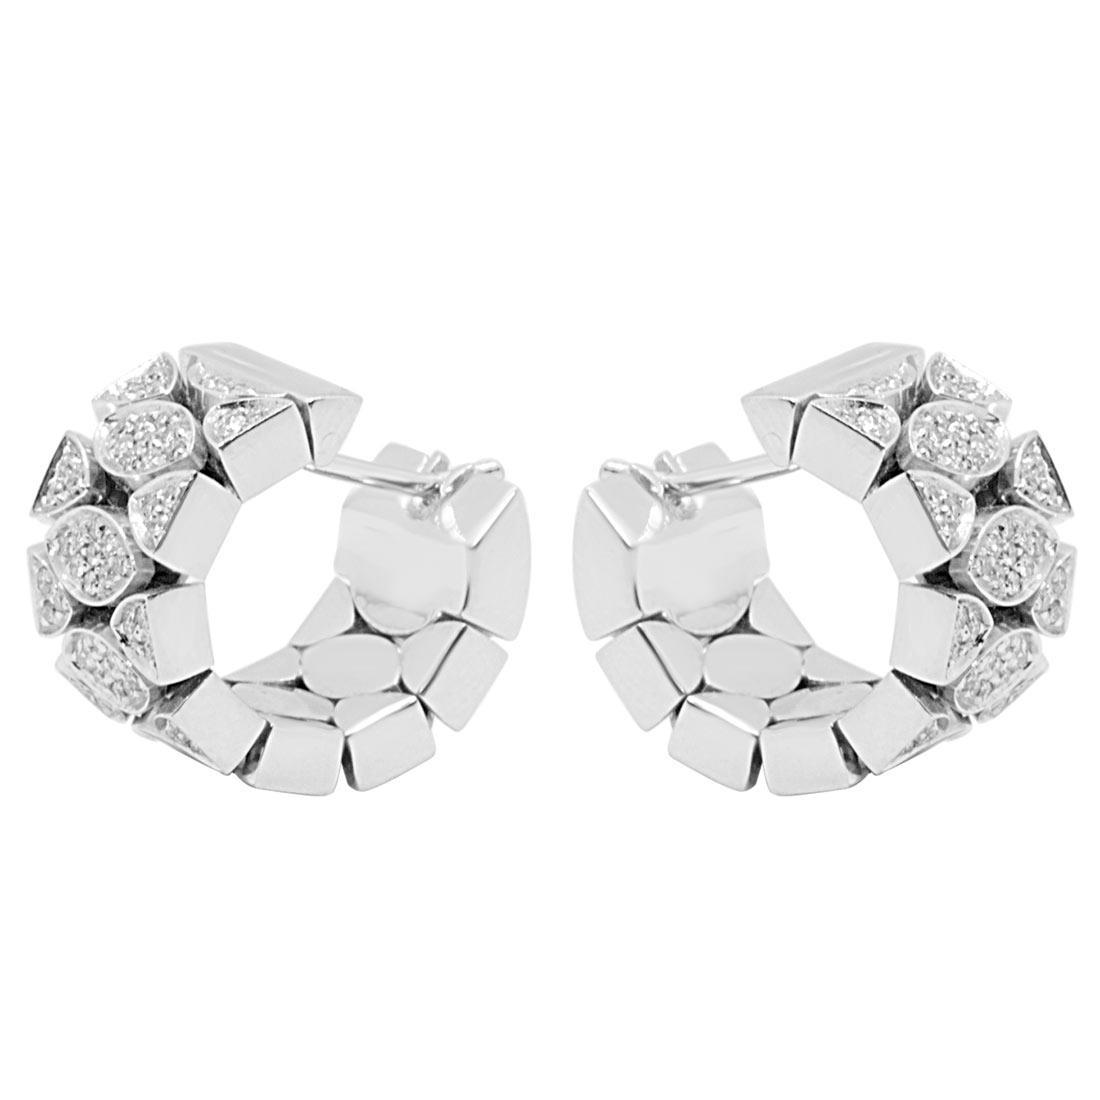 Orecchini Pasquale Bruni in oro bianco con diamanti ct 0,55 - PASQUALE BRUNI